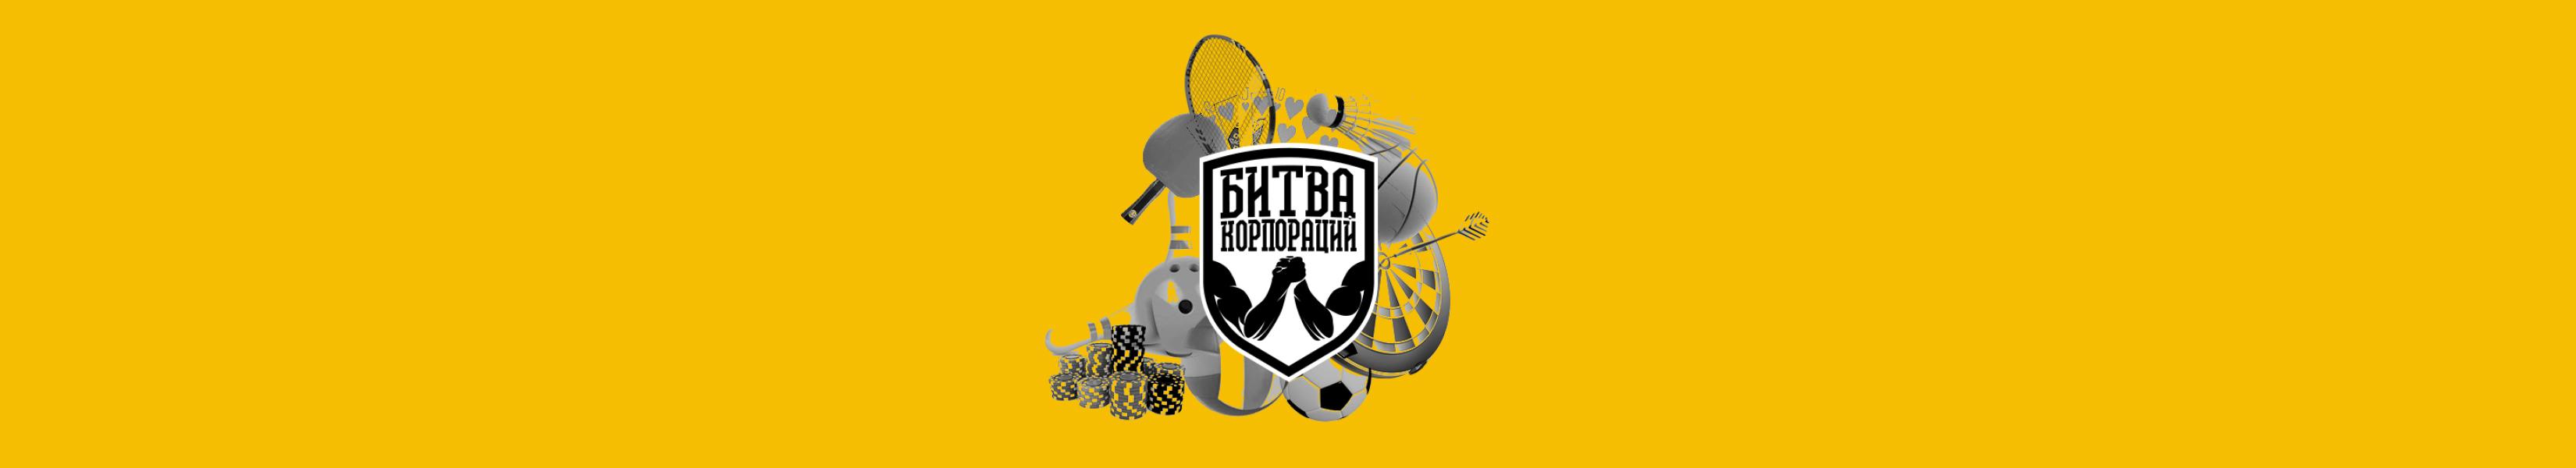 СТАРТ IV СЕЗОНА <p>     В СЕНТЯБРЕ